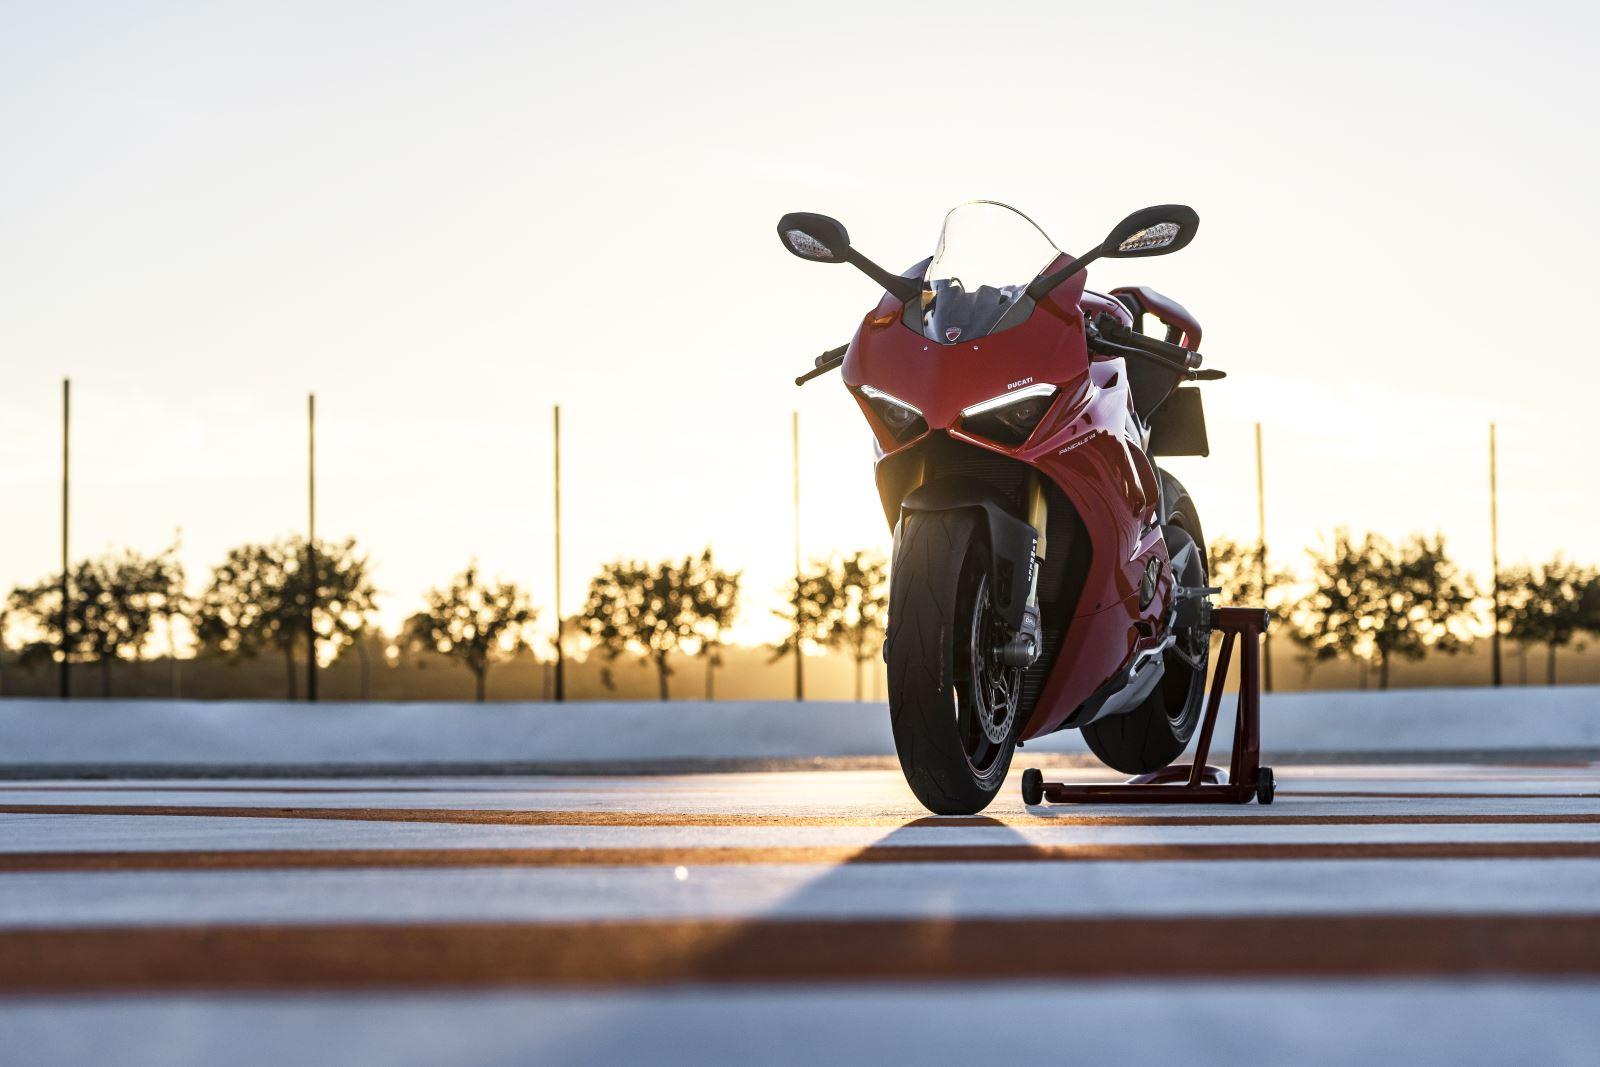 Ducati Panigale V4: Gerçekten Efsanesi Kadar İyi Mi? 15. İçerik Fotoğrafı